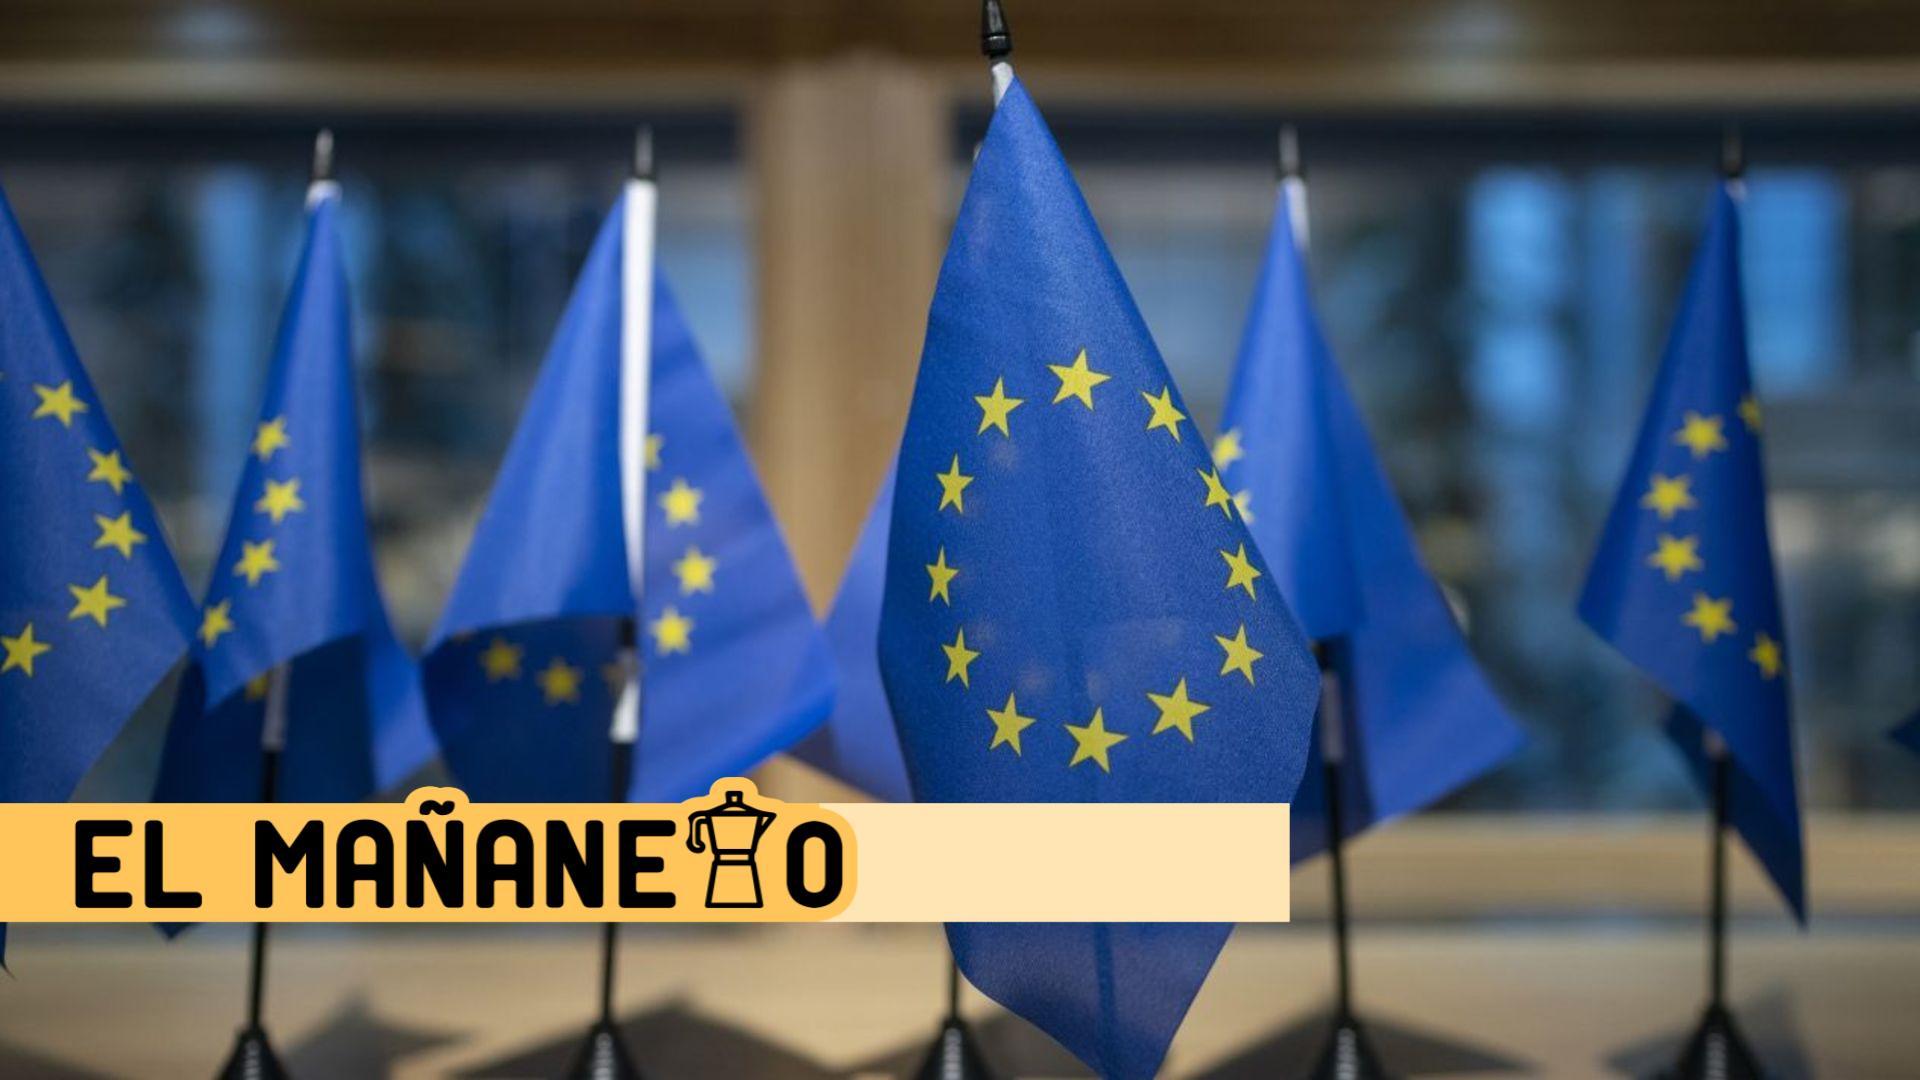 El Mañanero de hoy #26Ene: Las 8 noticias que debes saber